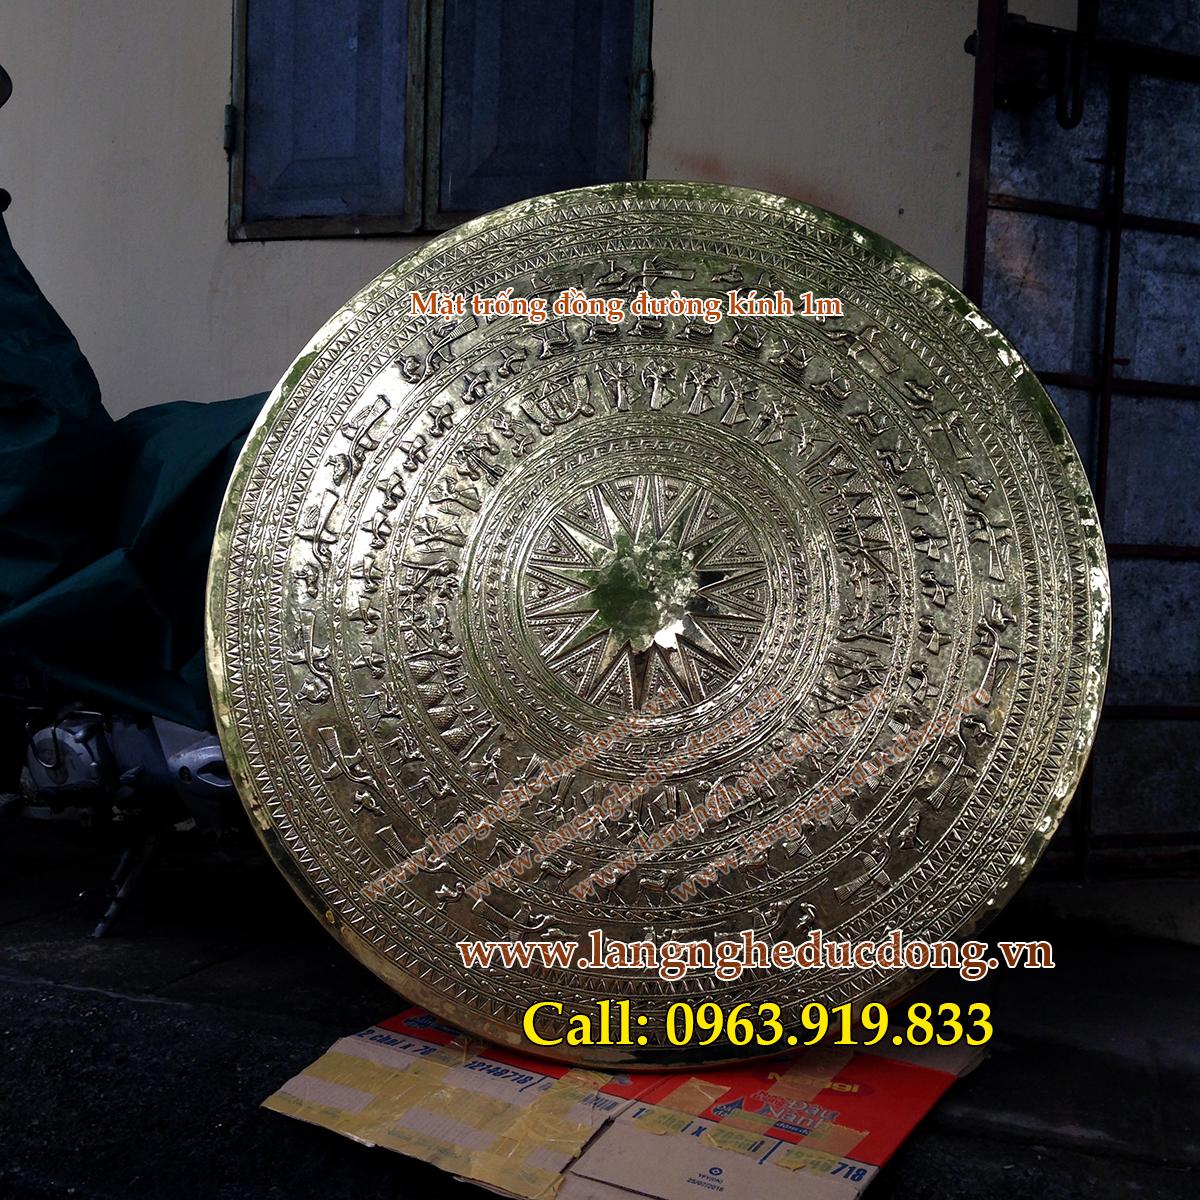 langngheducdong.vn - Trống đồng Đông Sơn có giá gỗ, mặt trống D=100cm